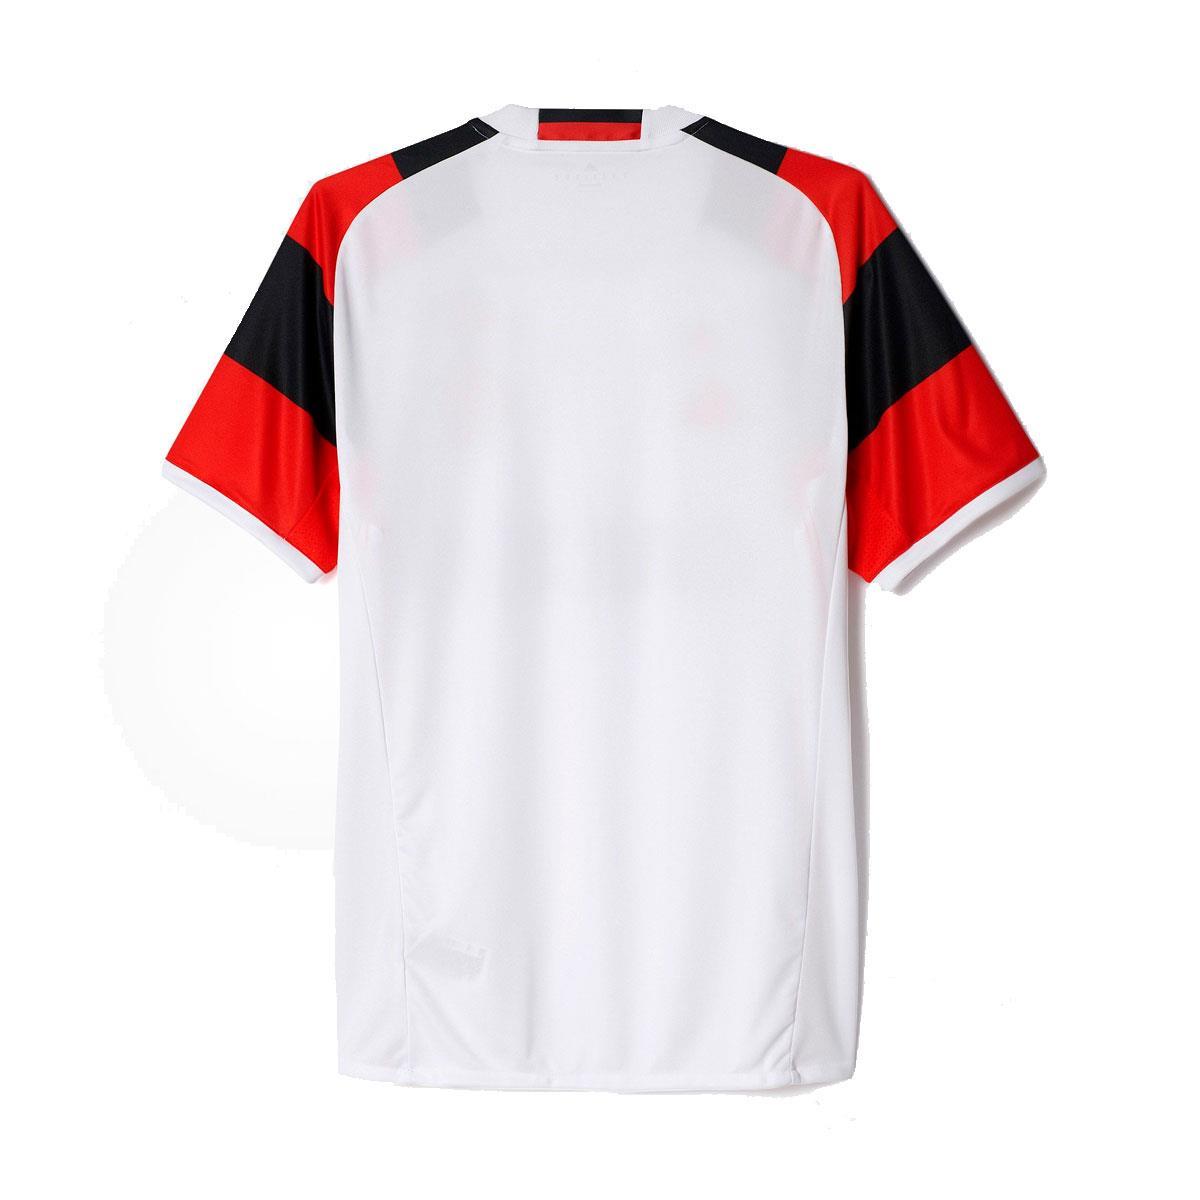 5072643e7eb9c Camisa Adidas Flamengo II 2016 2017 Tocedor Masculina